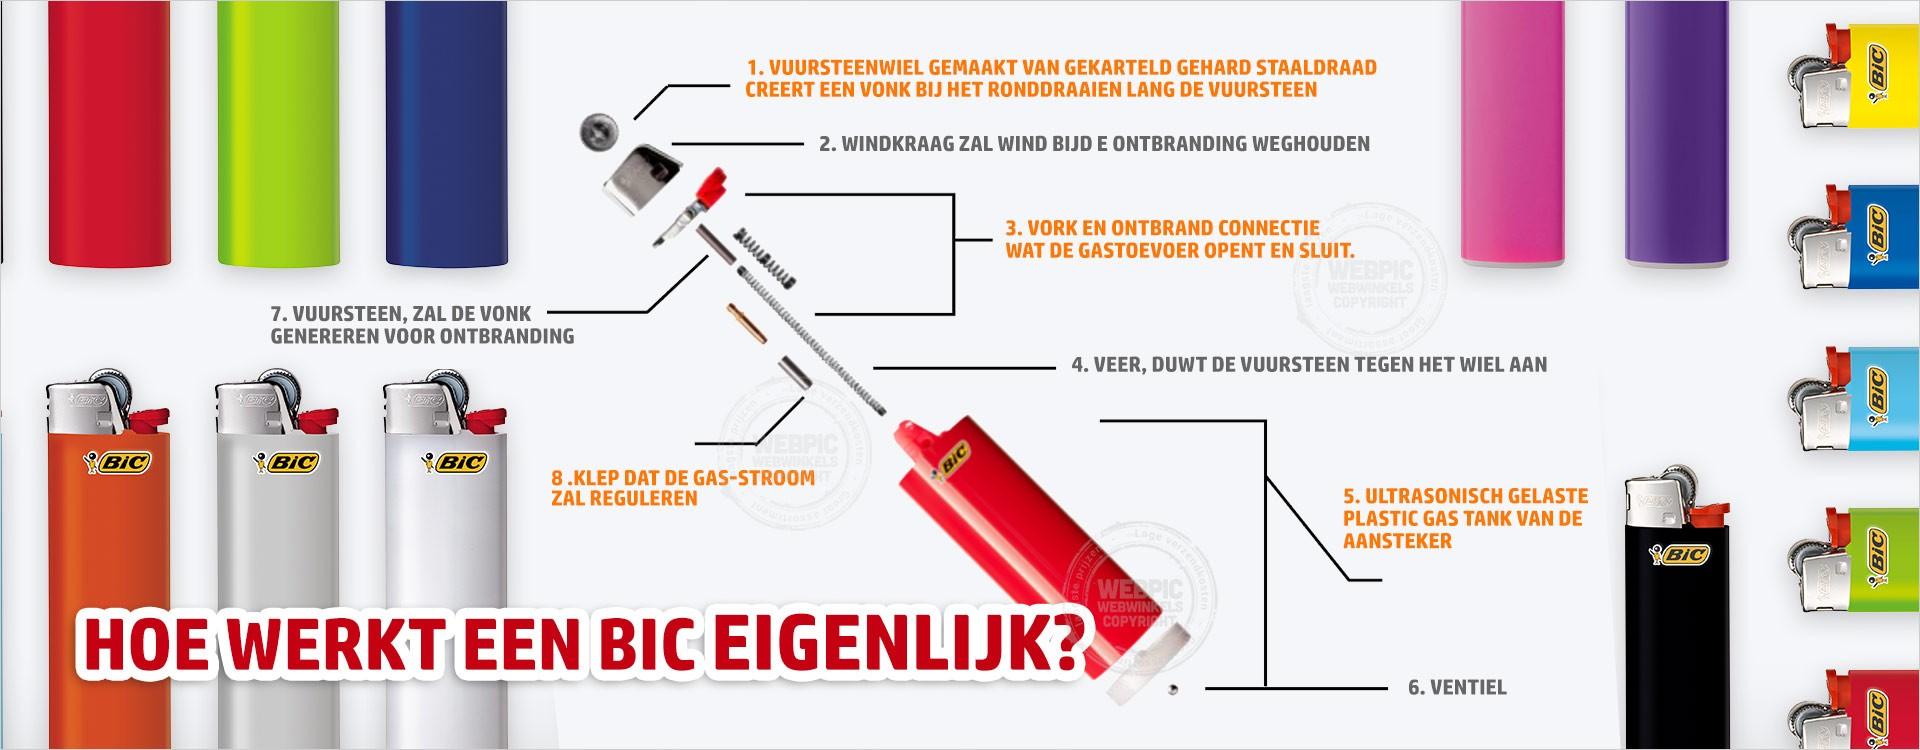 BIC onderdelen en uitleg van de werking